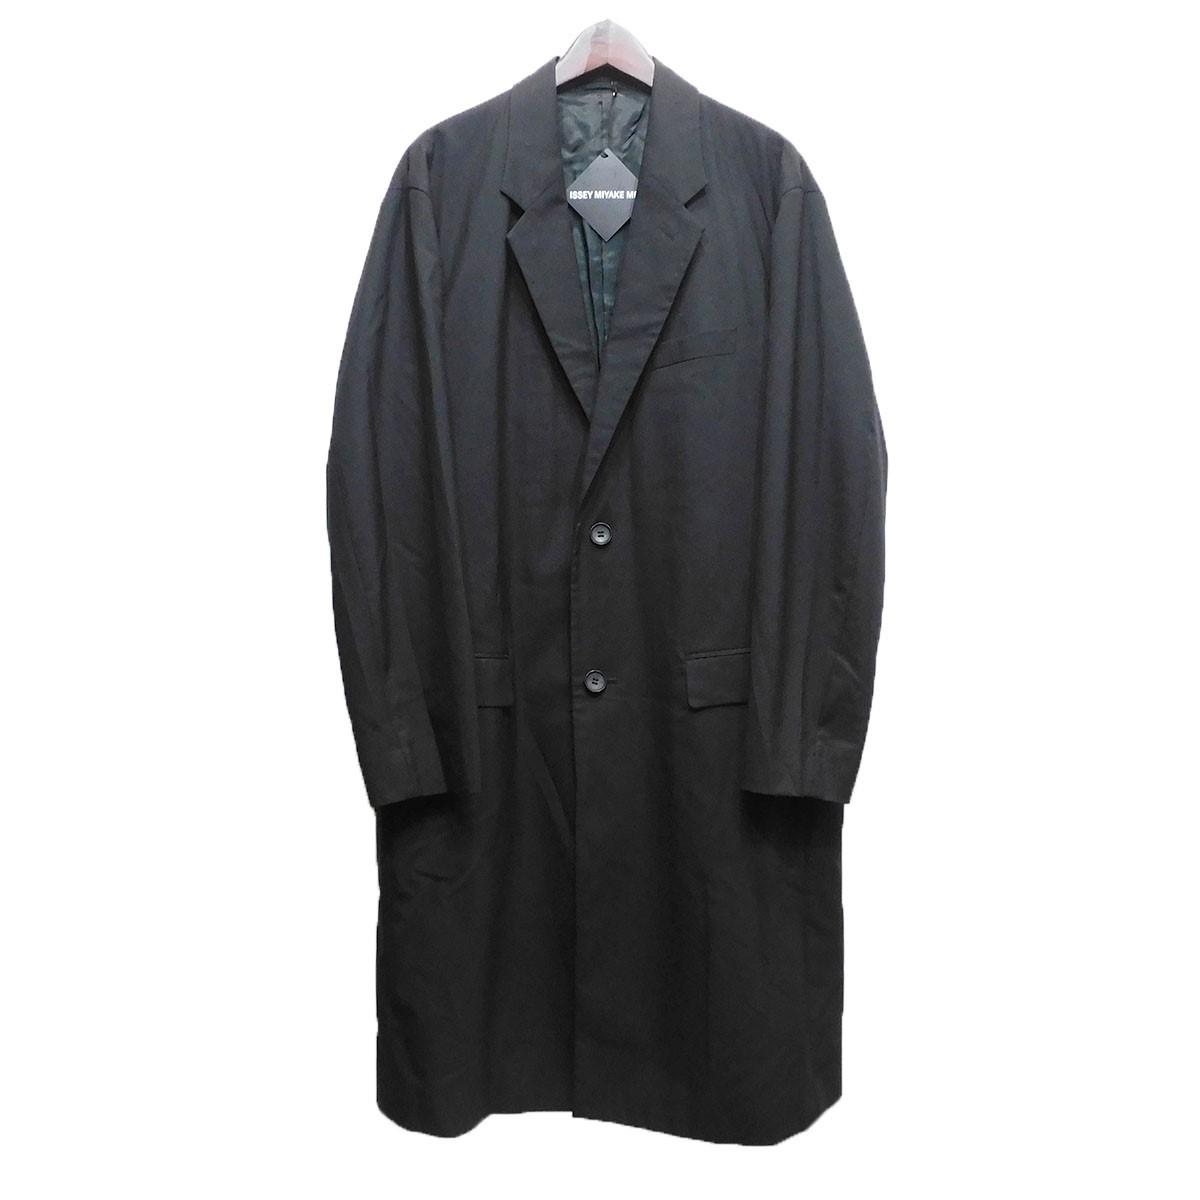 【中古】ISSEY MIYAKE 19SS チェスターコート ブラック サイズ:3 【070620】(イッセイミヤケ)